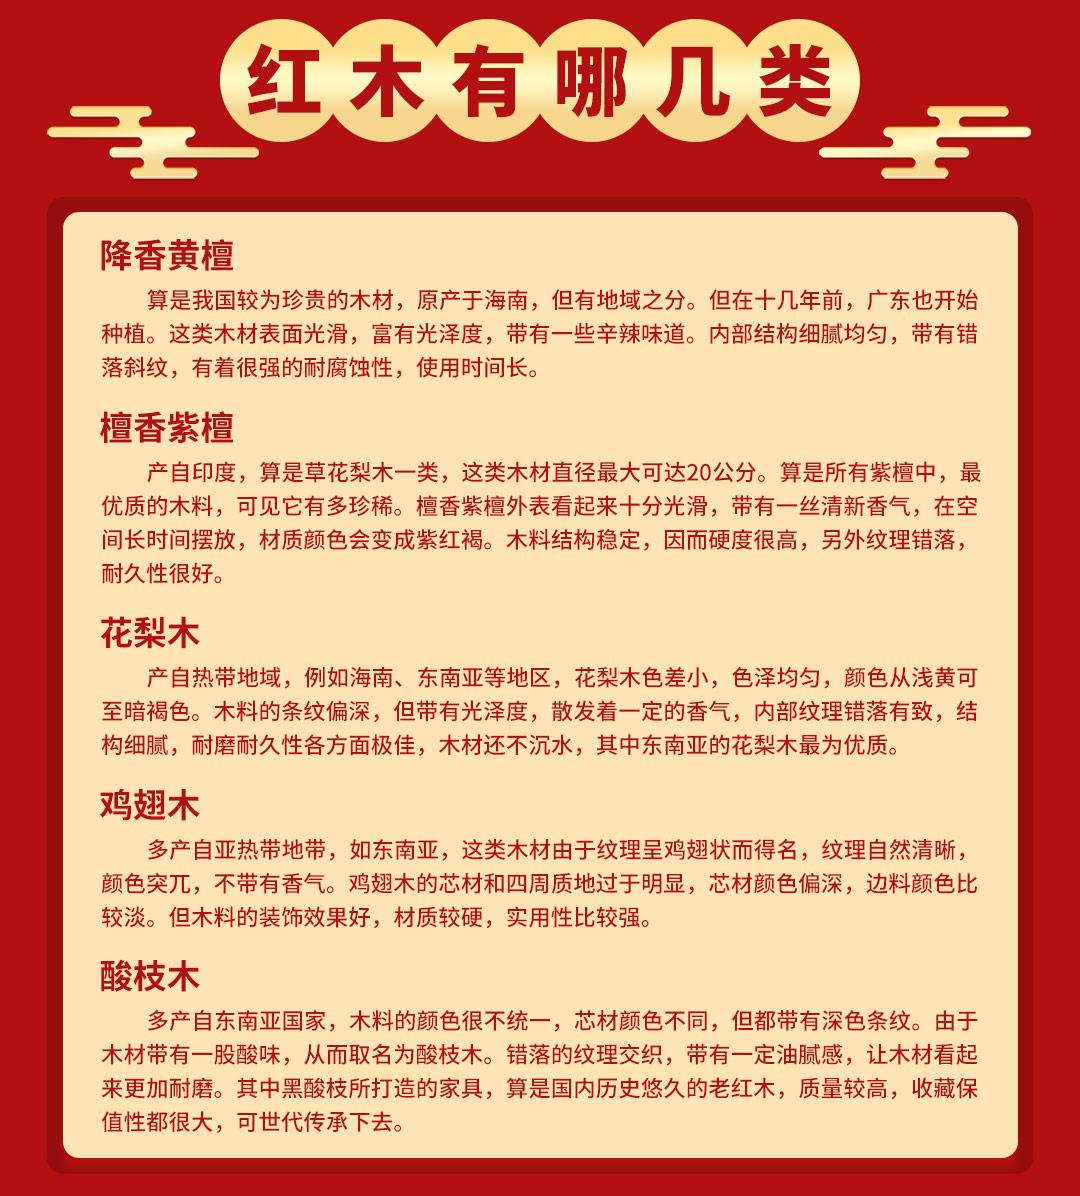 2019--红木家具--子页面--红木介绍_02.jpg